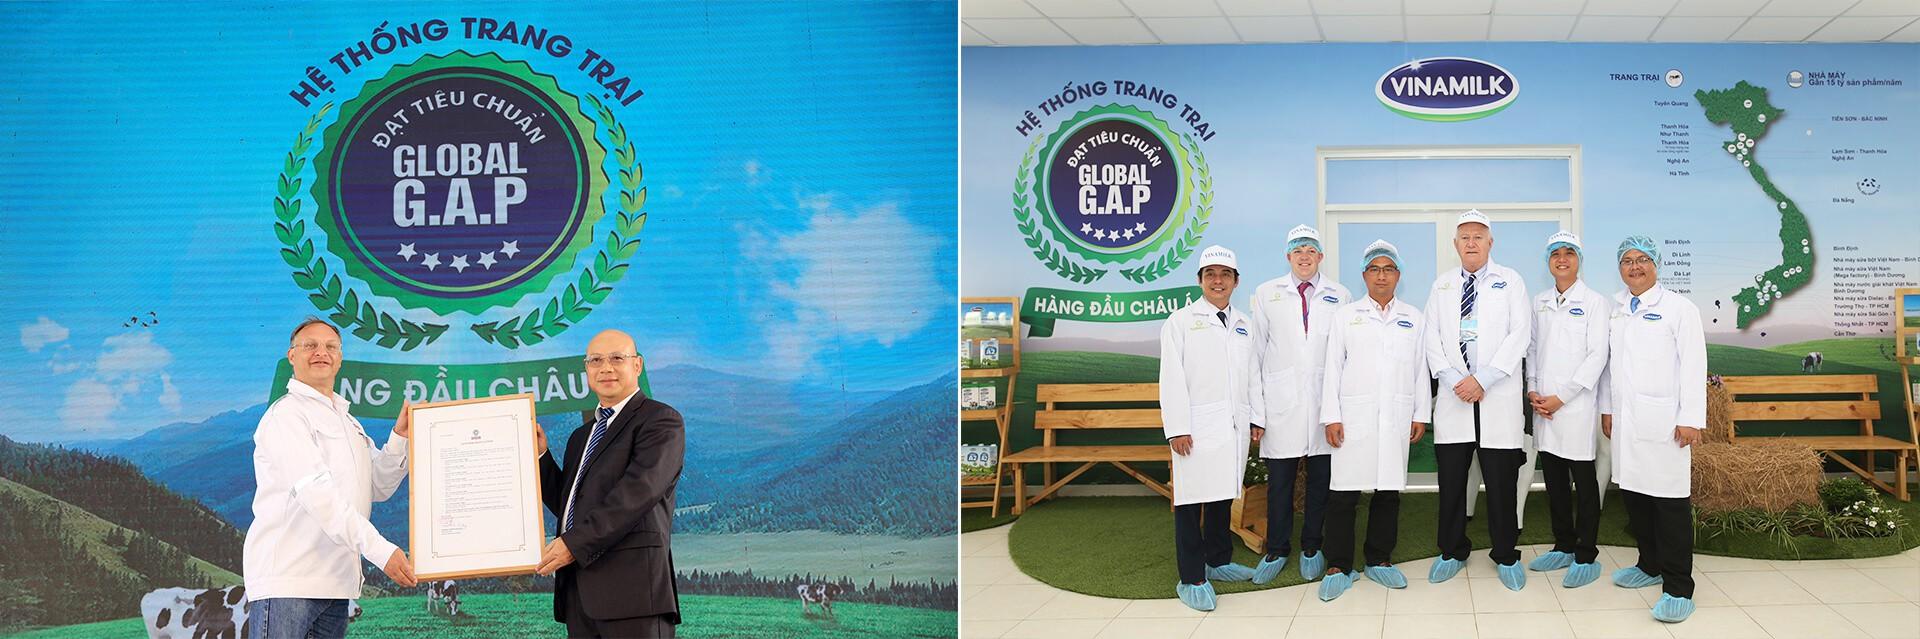 vinamilk - photo 2 1557216727900128939823 - Vinamilk – Doanh nghiệp tiên phong trong ngành công nghiệp sữa